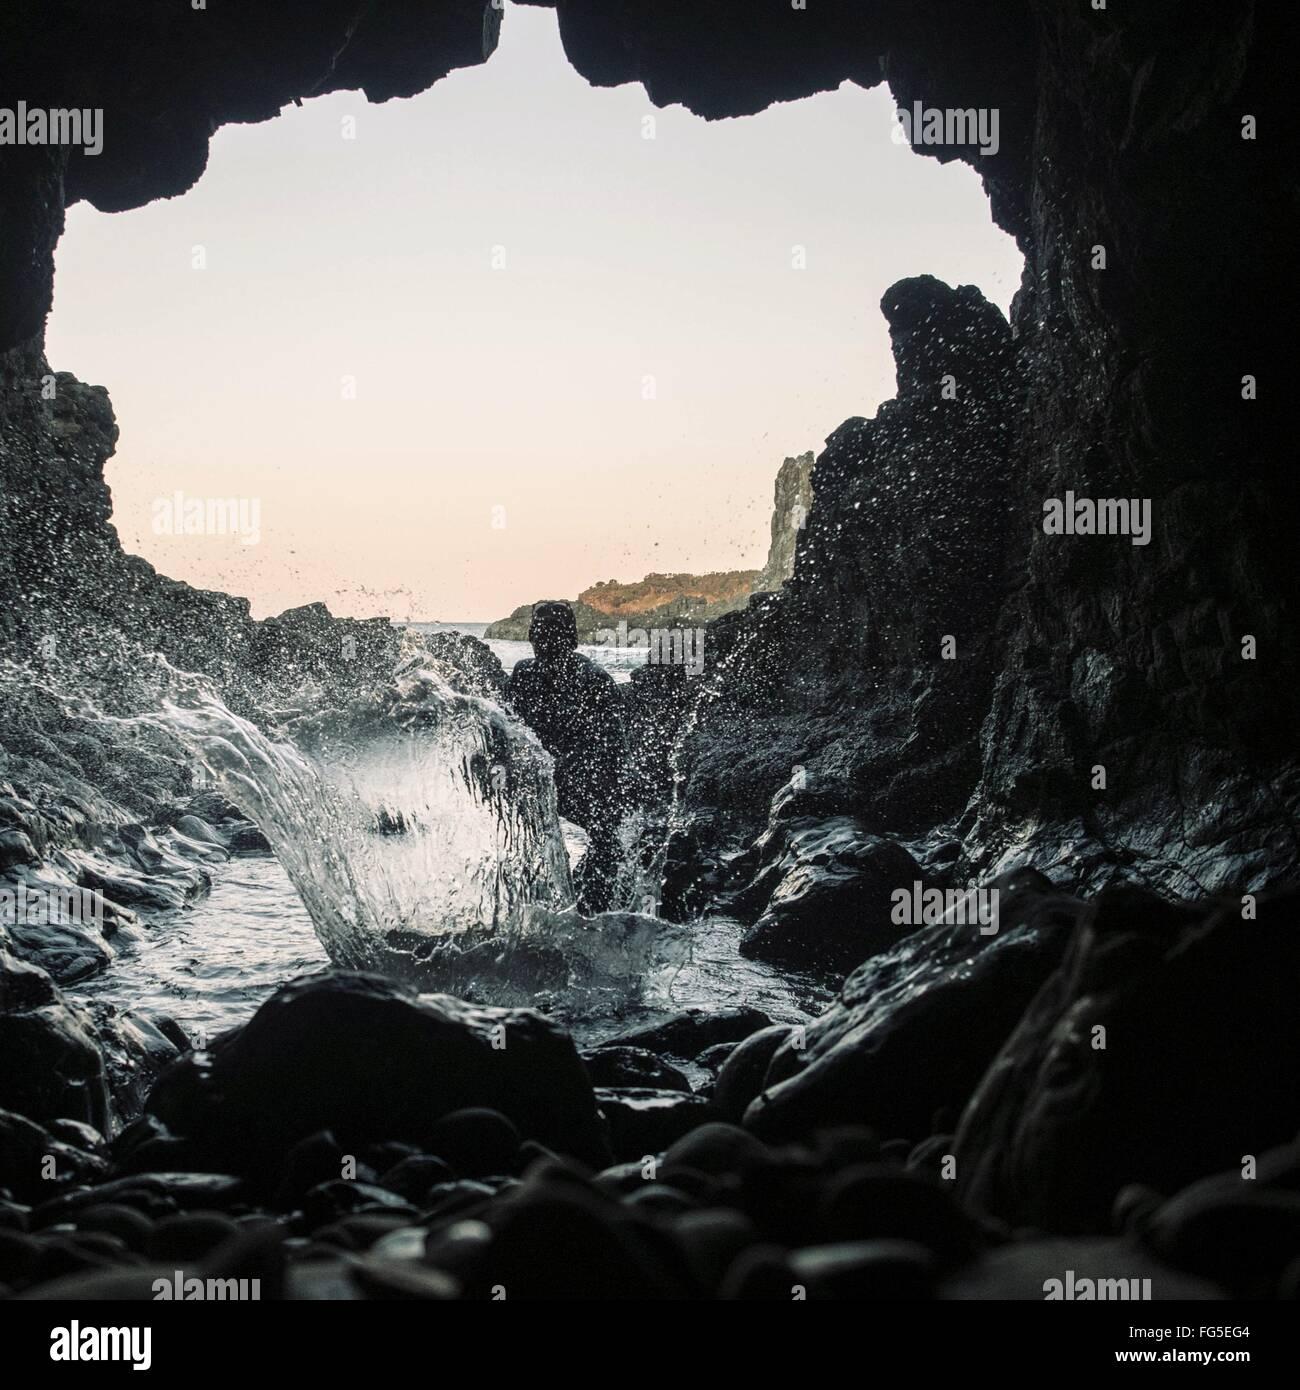 Personne aux projections d'eau en dessous de la rivière Rock Formation contre Ciel clair Photo Stock